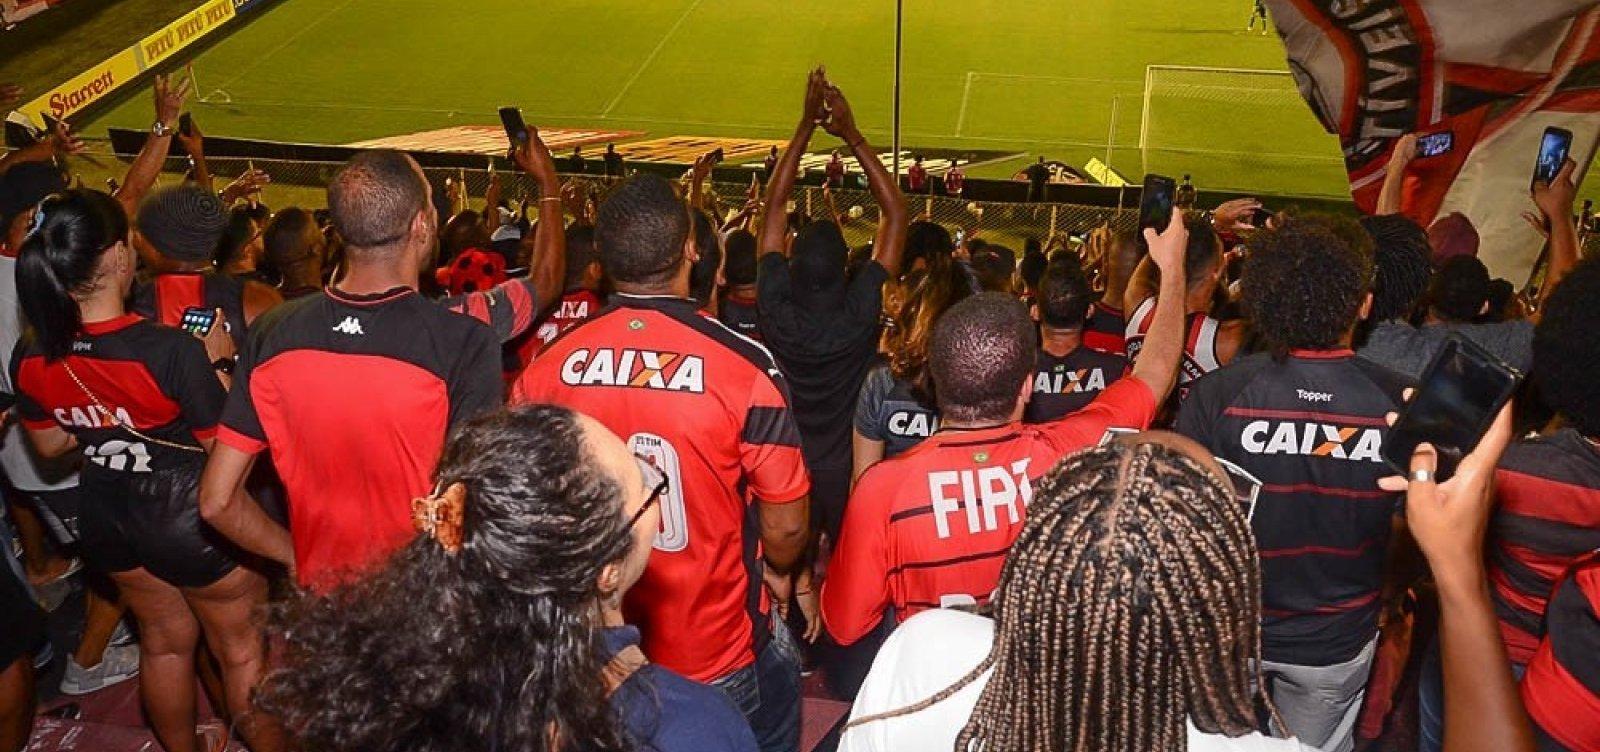 [Vitória anuncia promoção com Brahma para jogo no sábado: '4 por R$ 10']